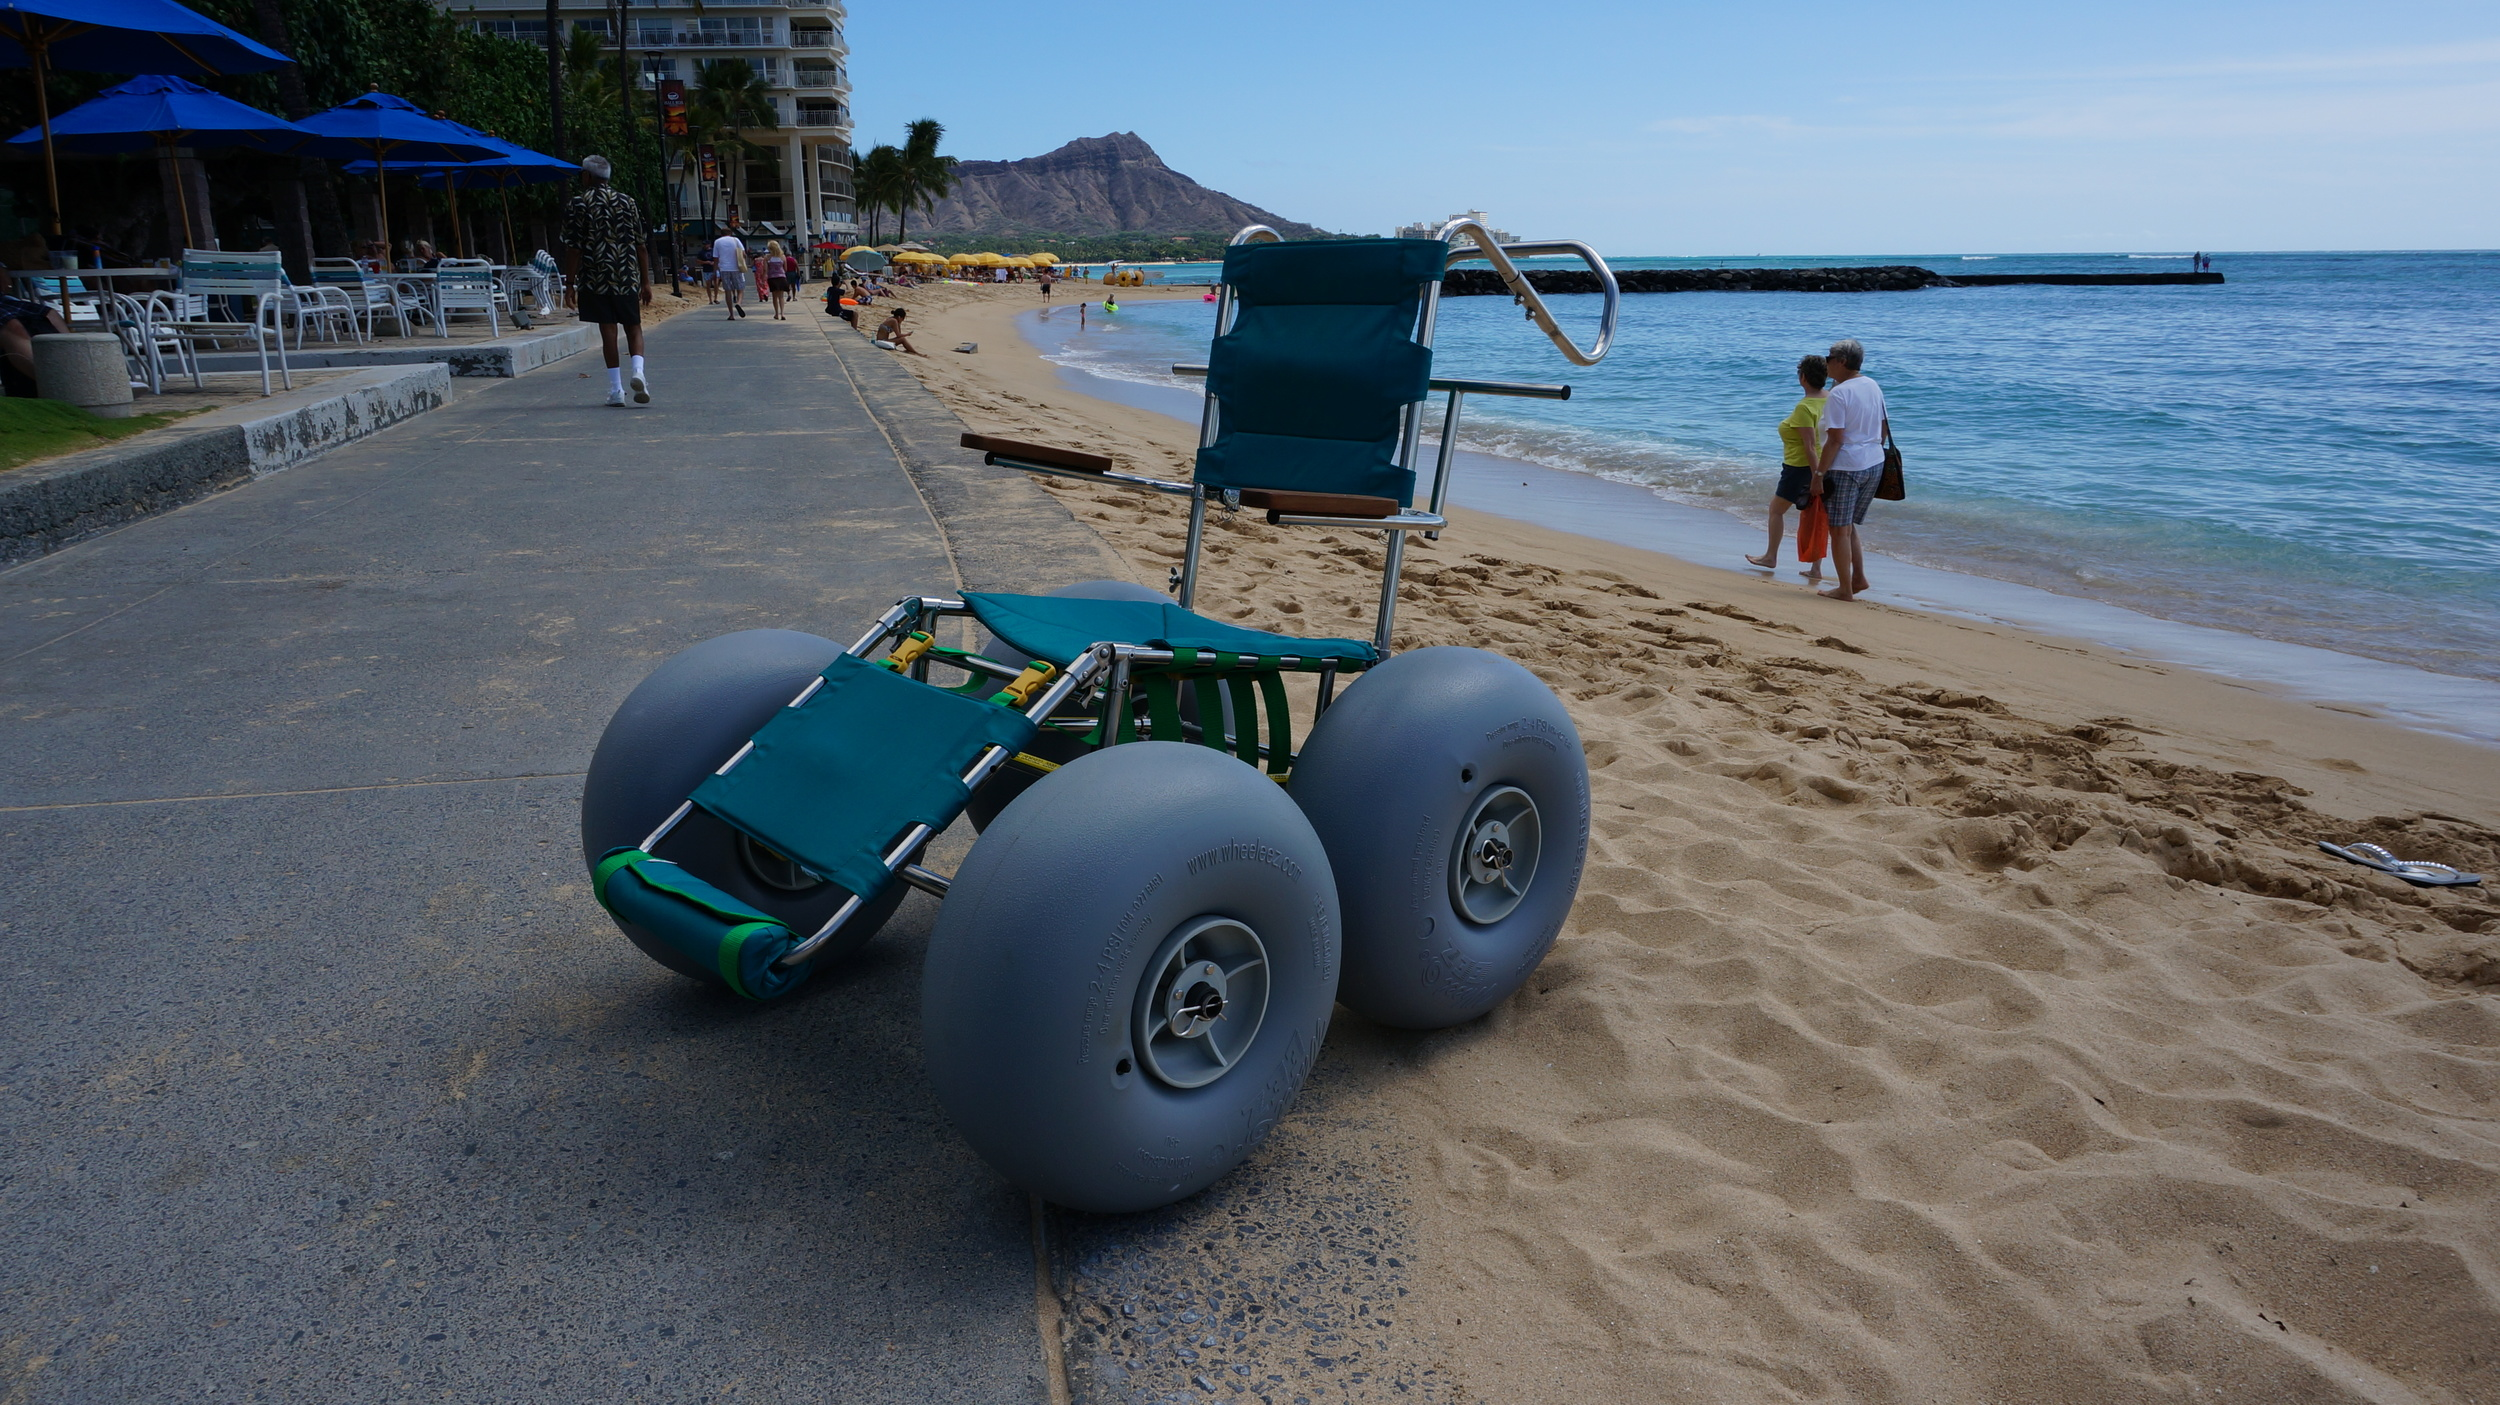 We offer a FREE beach wheelchair rental for Waikiki Beach, Honolulu, Oahu Hawaii